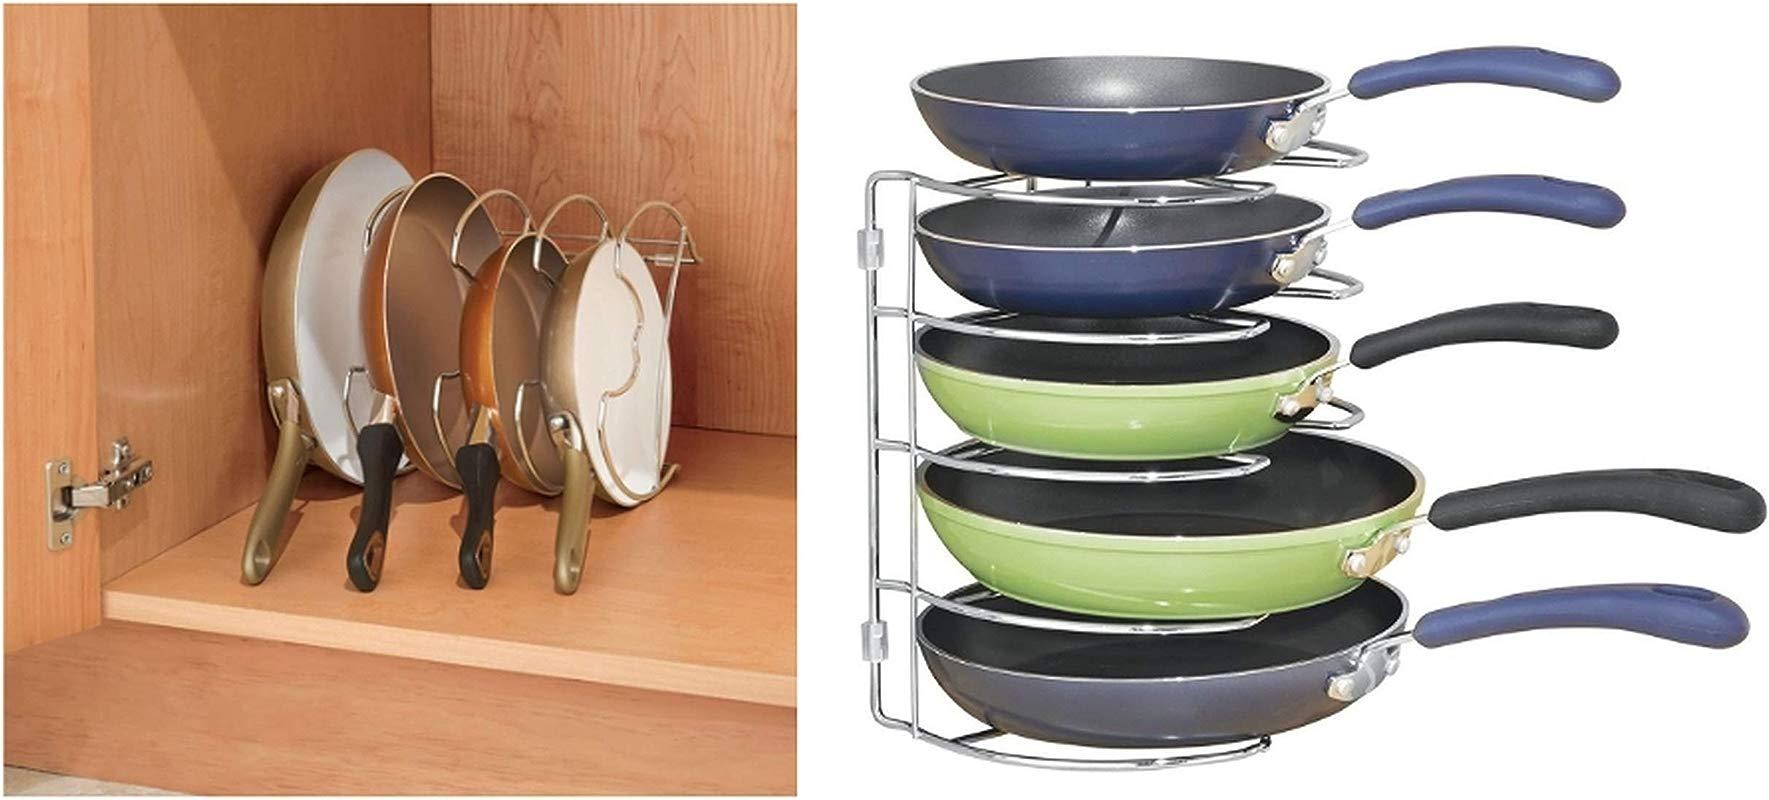 InterDesign Classico Kitchen Cabinet Storage Organizer For Skillets Pans Vertical Chrome